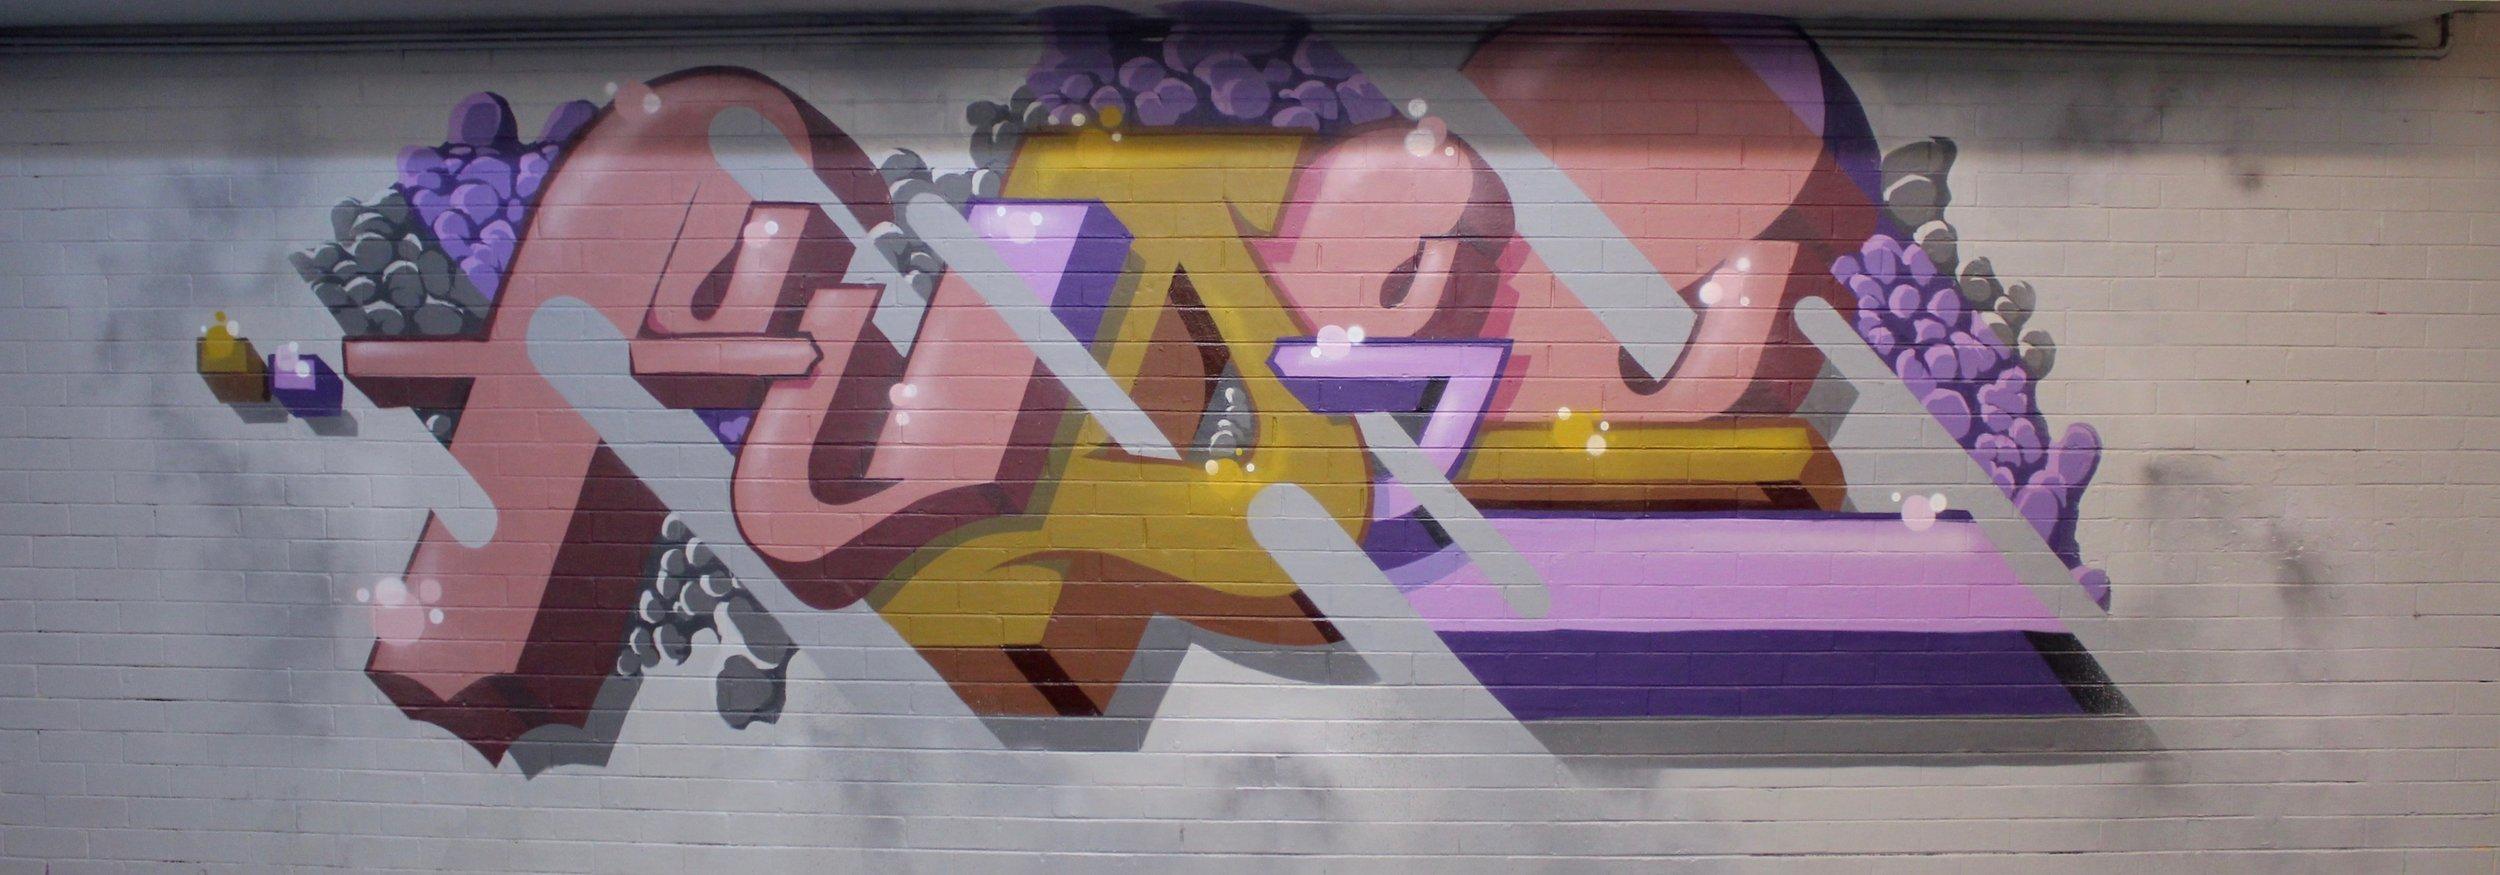 FW_Murals - 2 (13).jpg